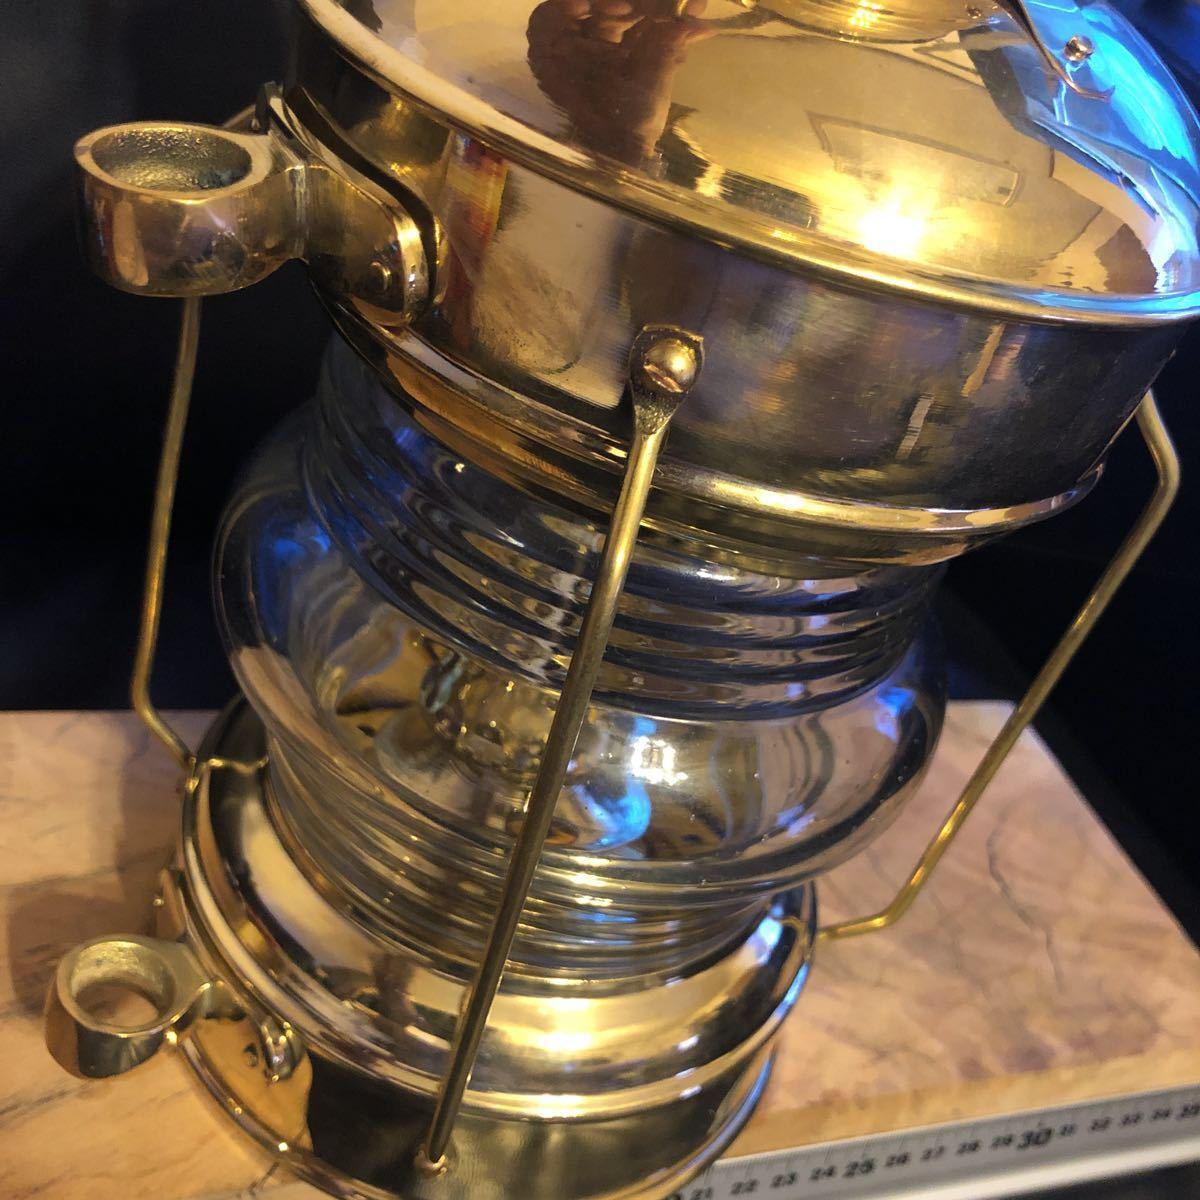 物が増え過ぎました。真鍮 ブラス ランタン ケロシン ランタン アルコール ランプ マイナー ランプ ネルソン マリンランプ カンテラ_画像8